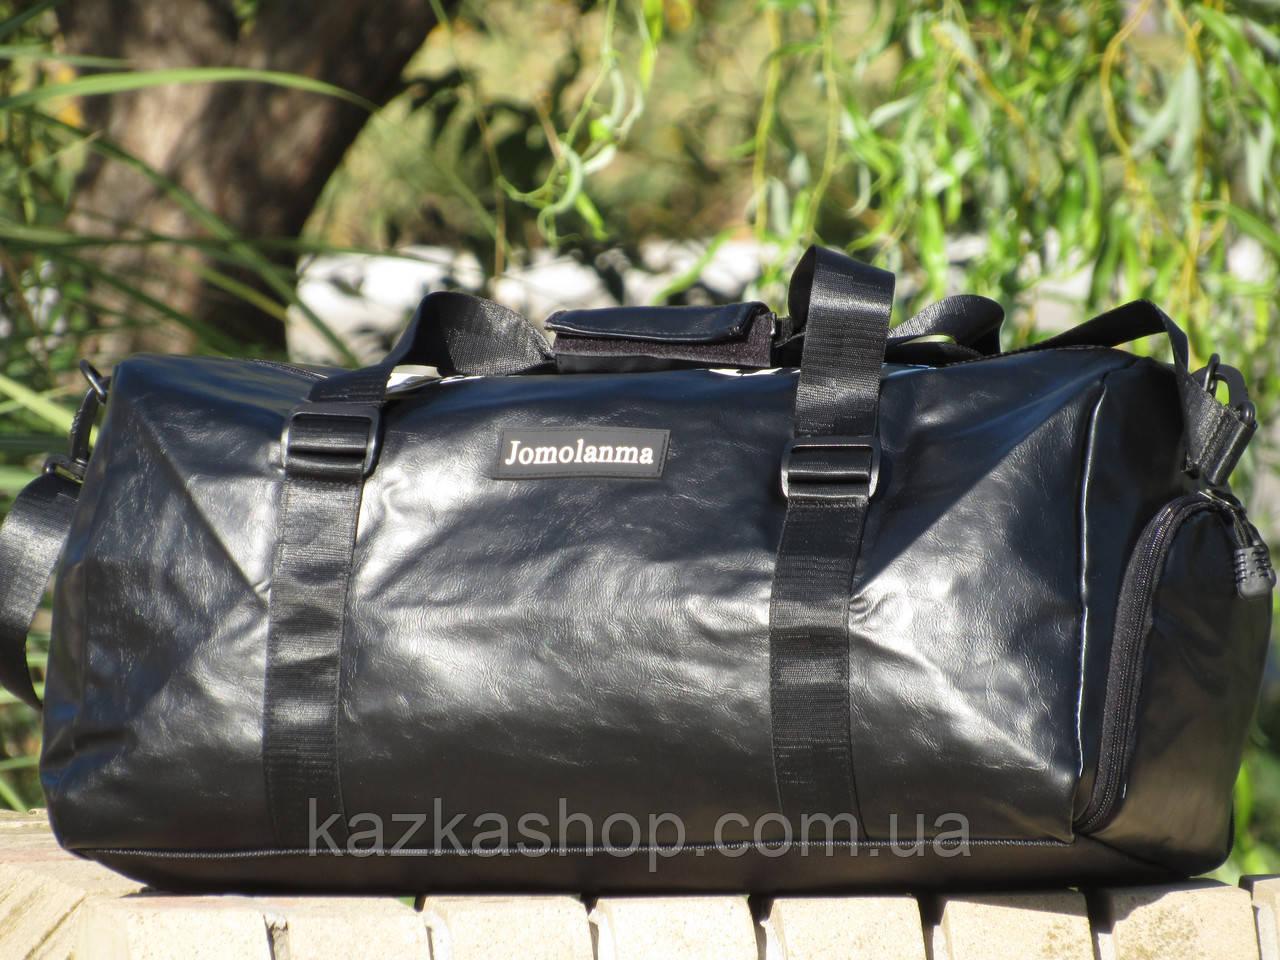 Дорожная сумка из искусственной кожи, среднего размера 50х23х25 см, плечевой ремень